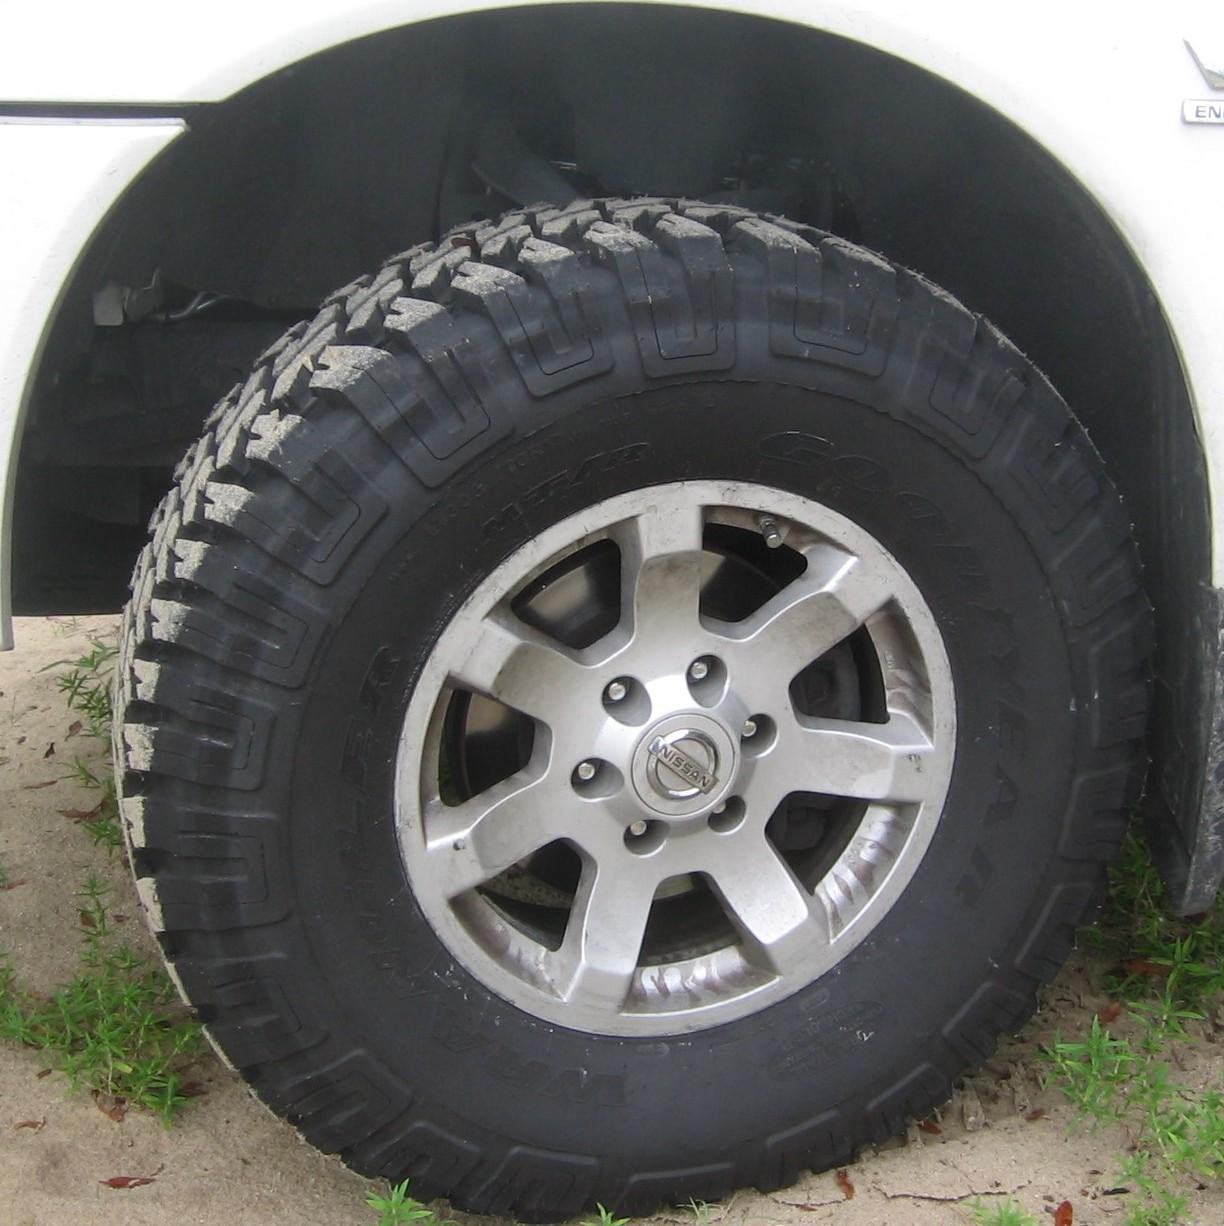 2001 mitsubishi eclipse wiring diagram 305 70 17 tires 2002 mitsubishi